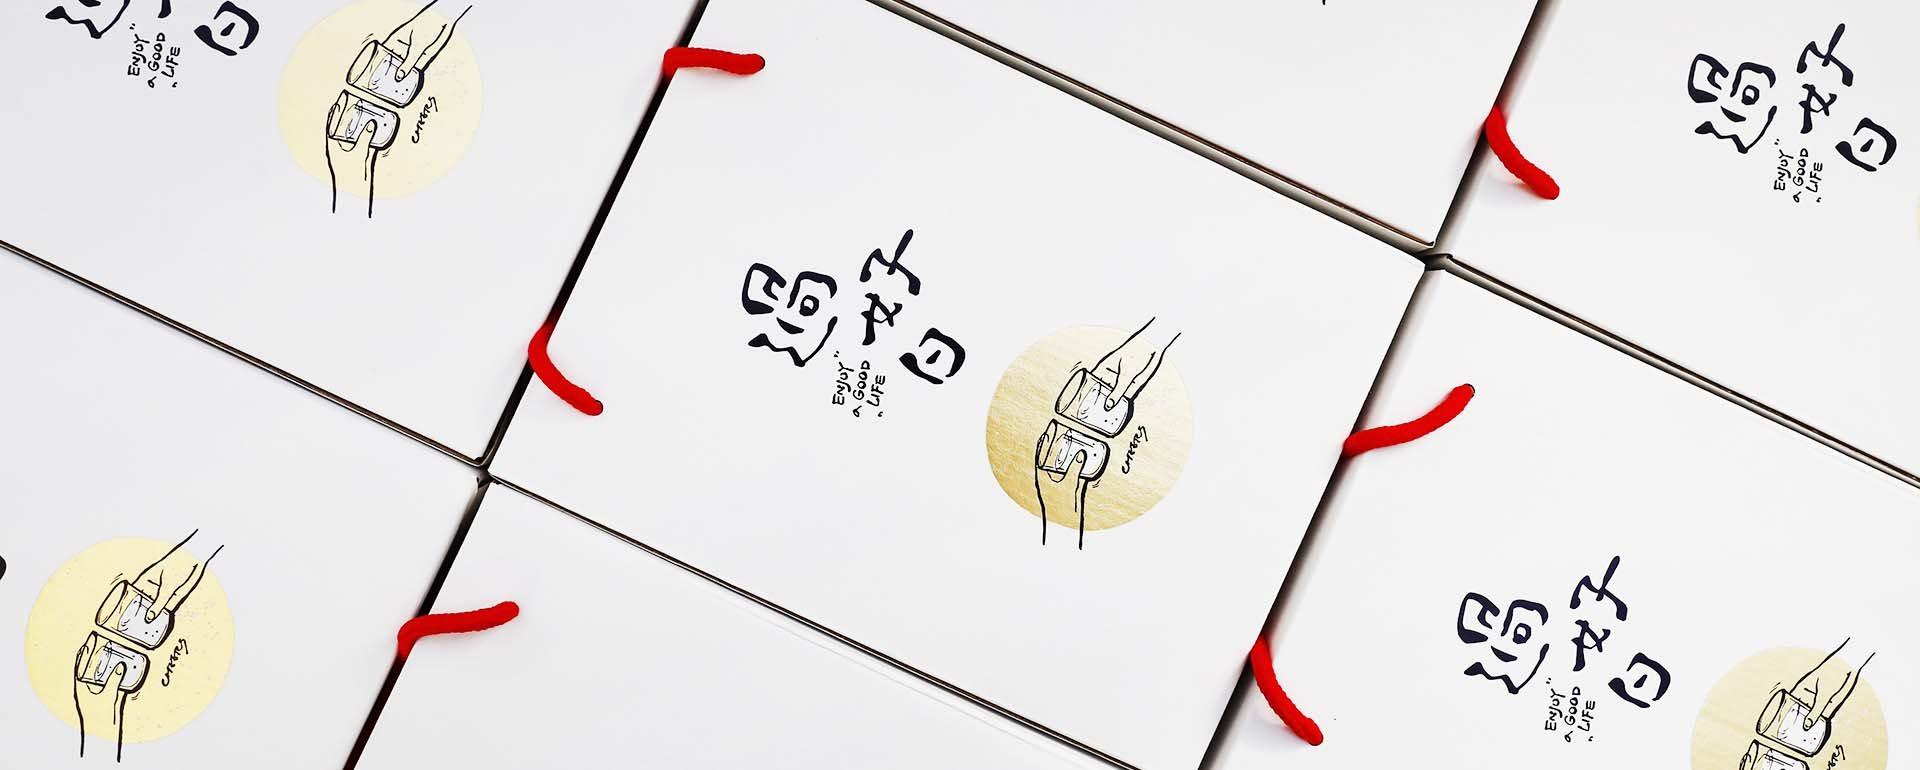 福委會團購首選,甘樂文創養生飲品米麴甘酒年節禮盒